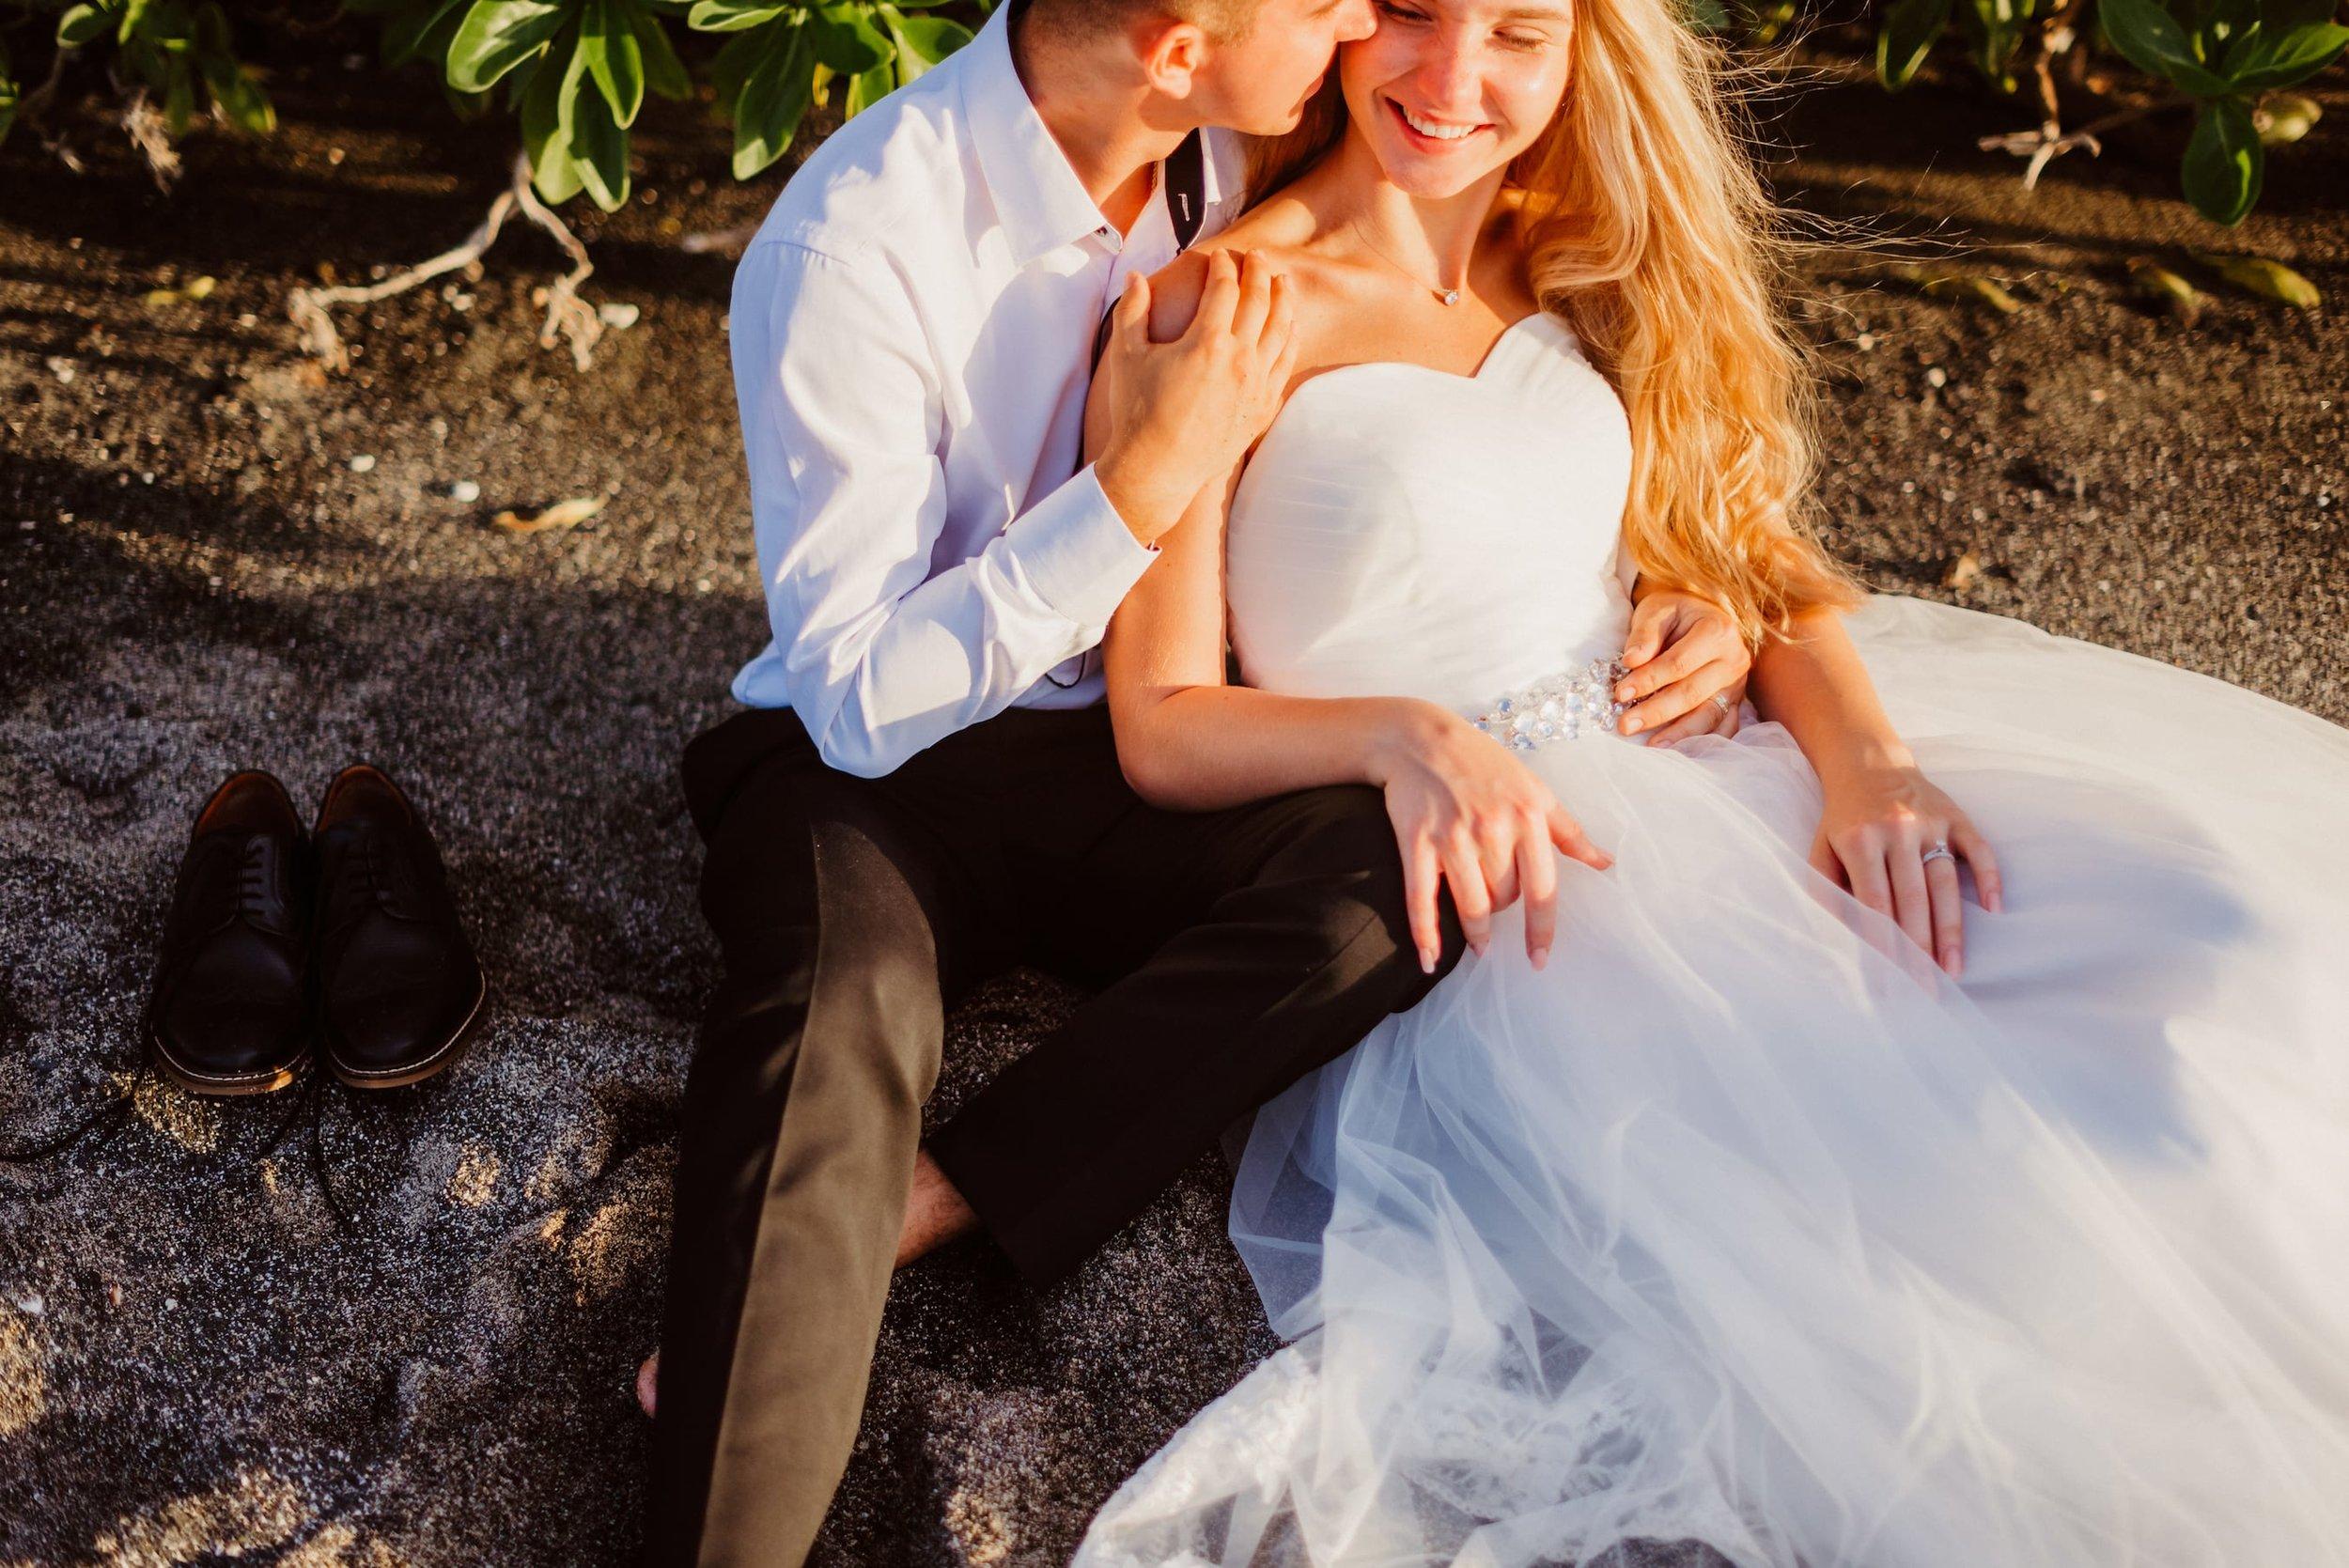 Hawaii-elopement-engagement-photographer-waikoloa.jpg